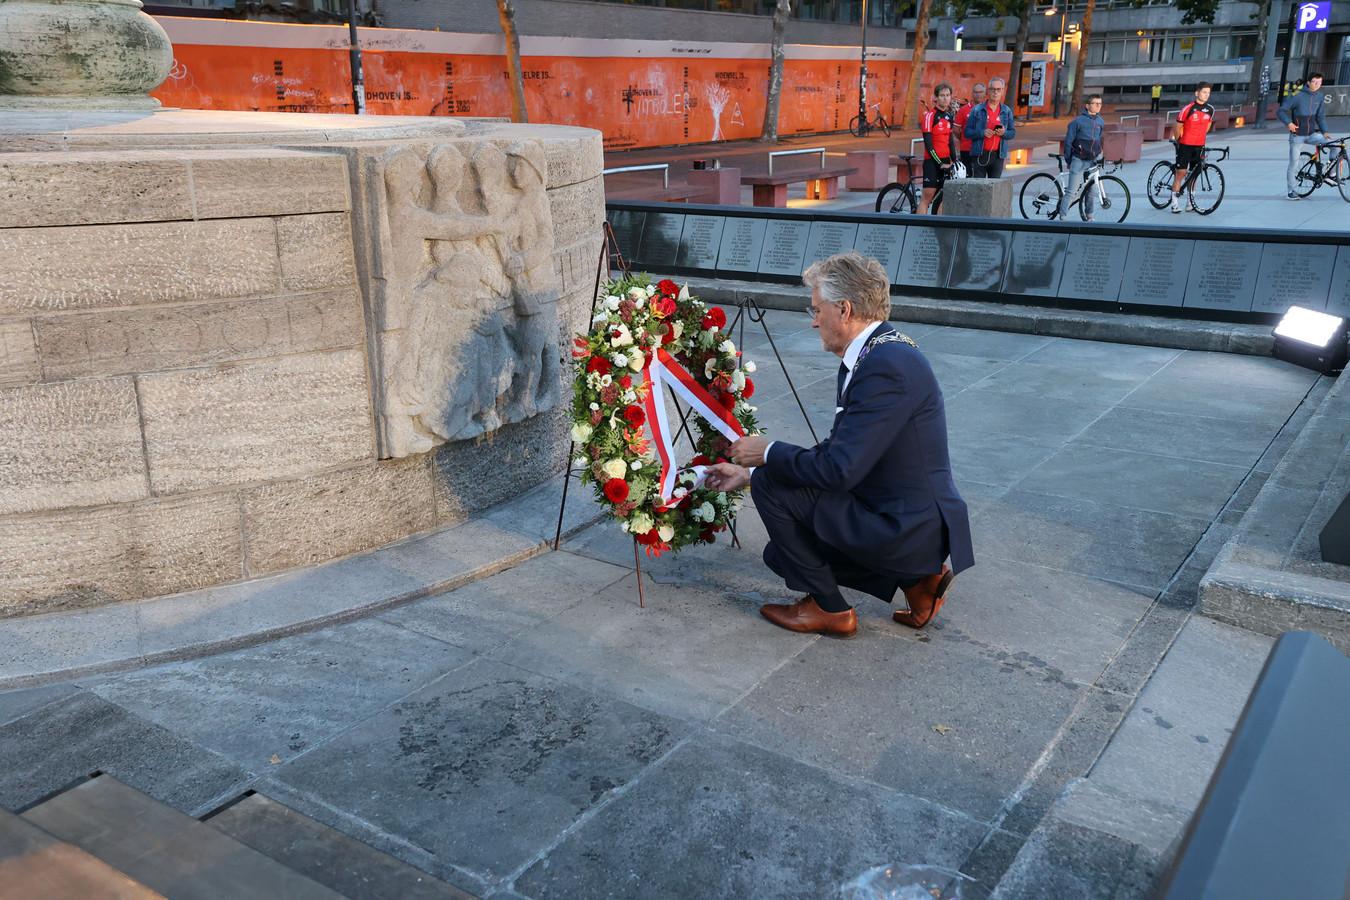 Burgemeester Jorritsma legt een krans namens de inwoners van Eindhoven.